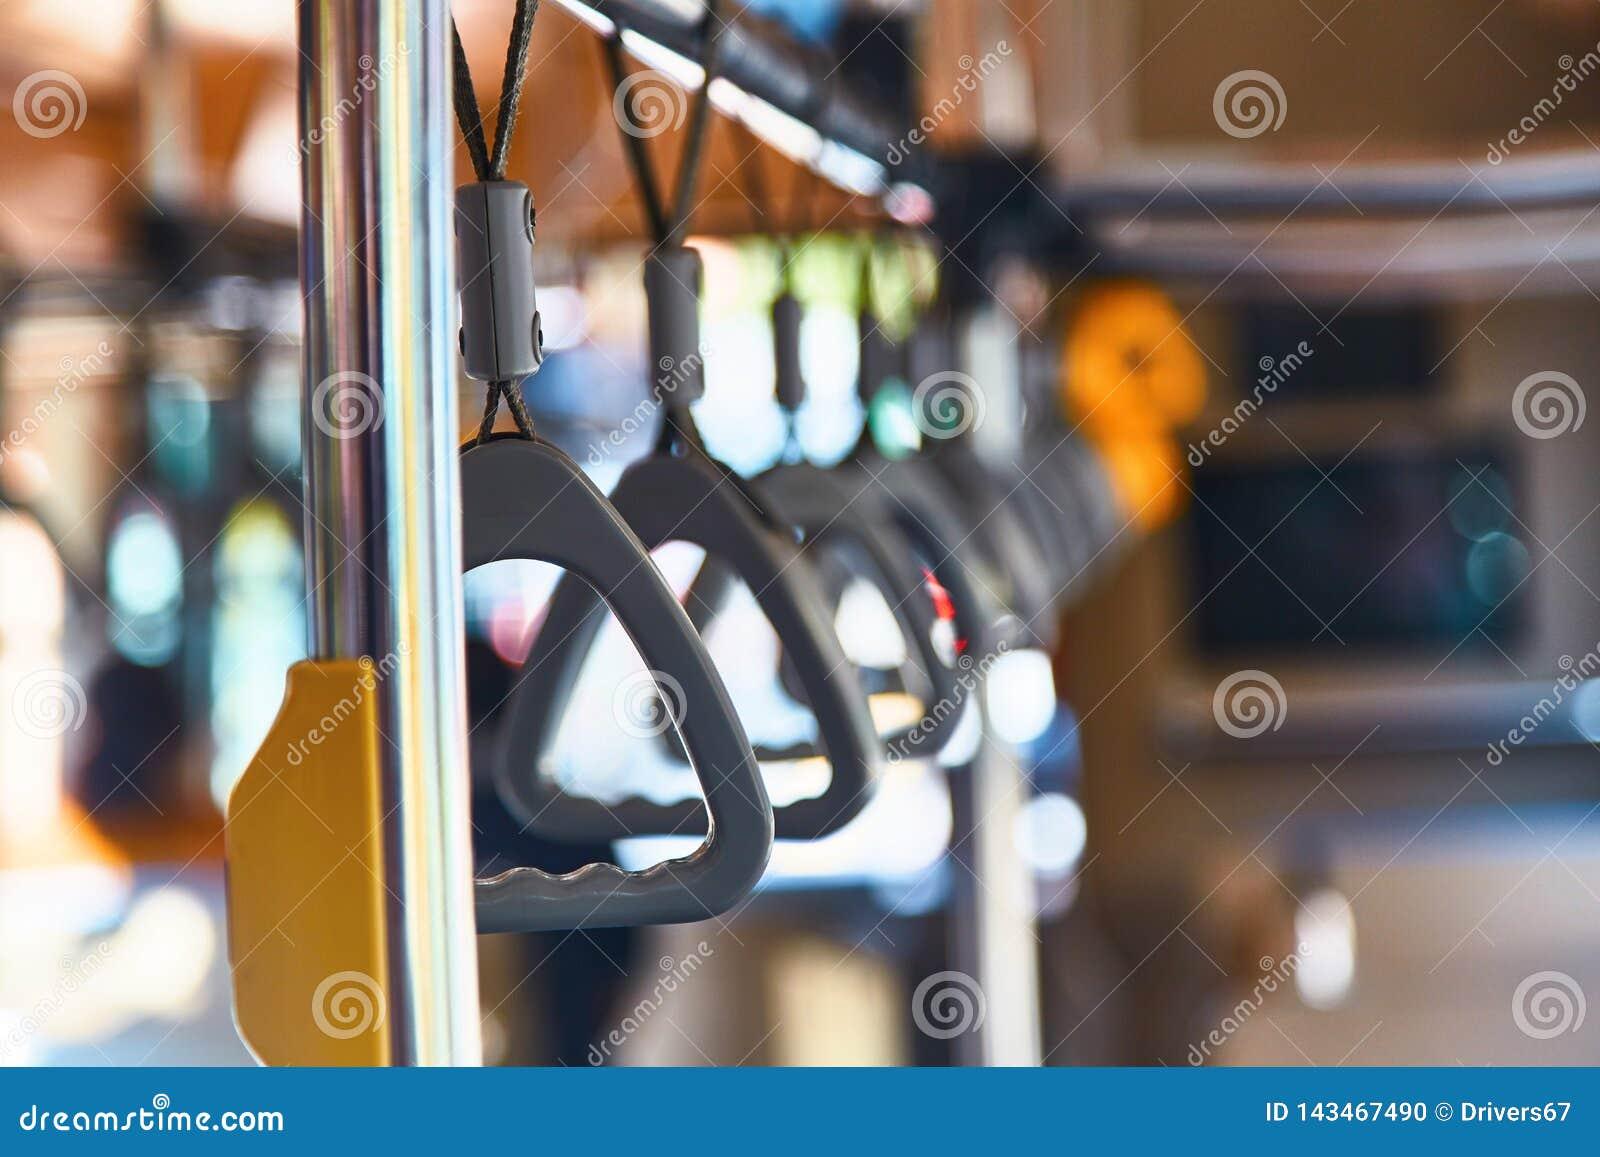 Poręcze na autobusie Pętle w autobusie